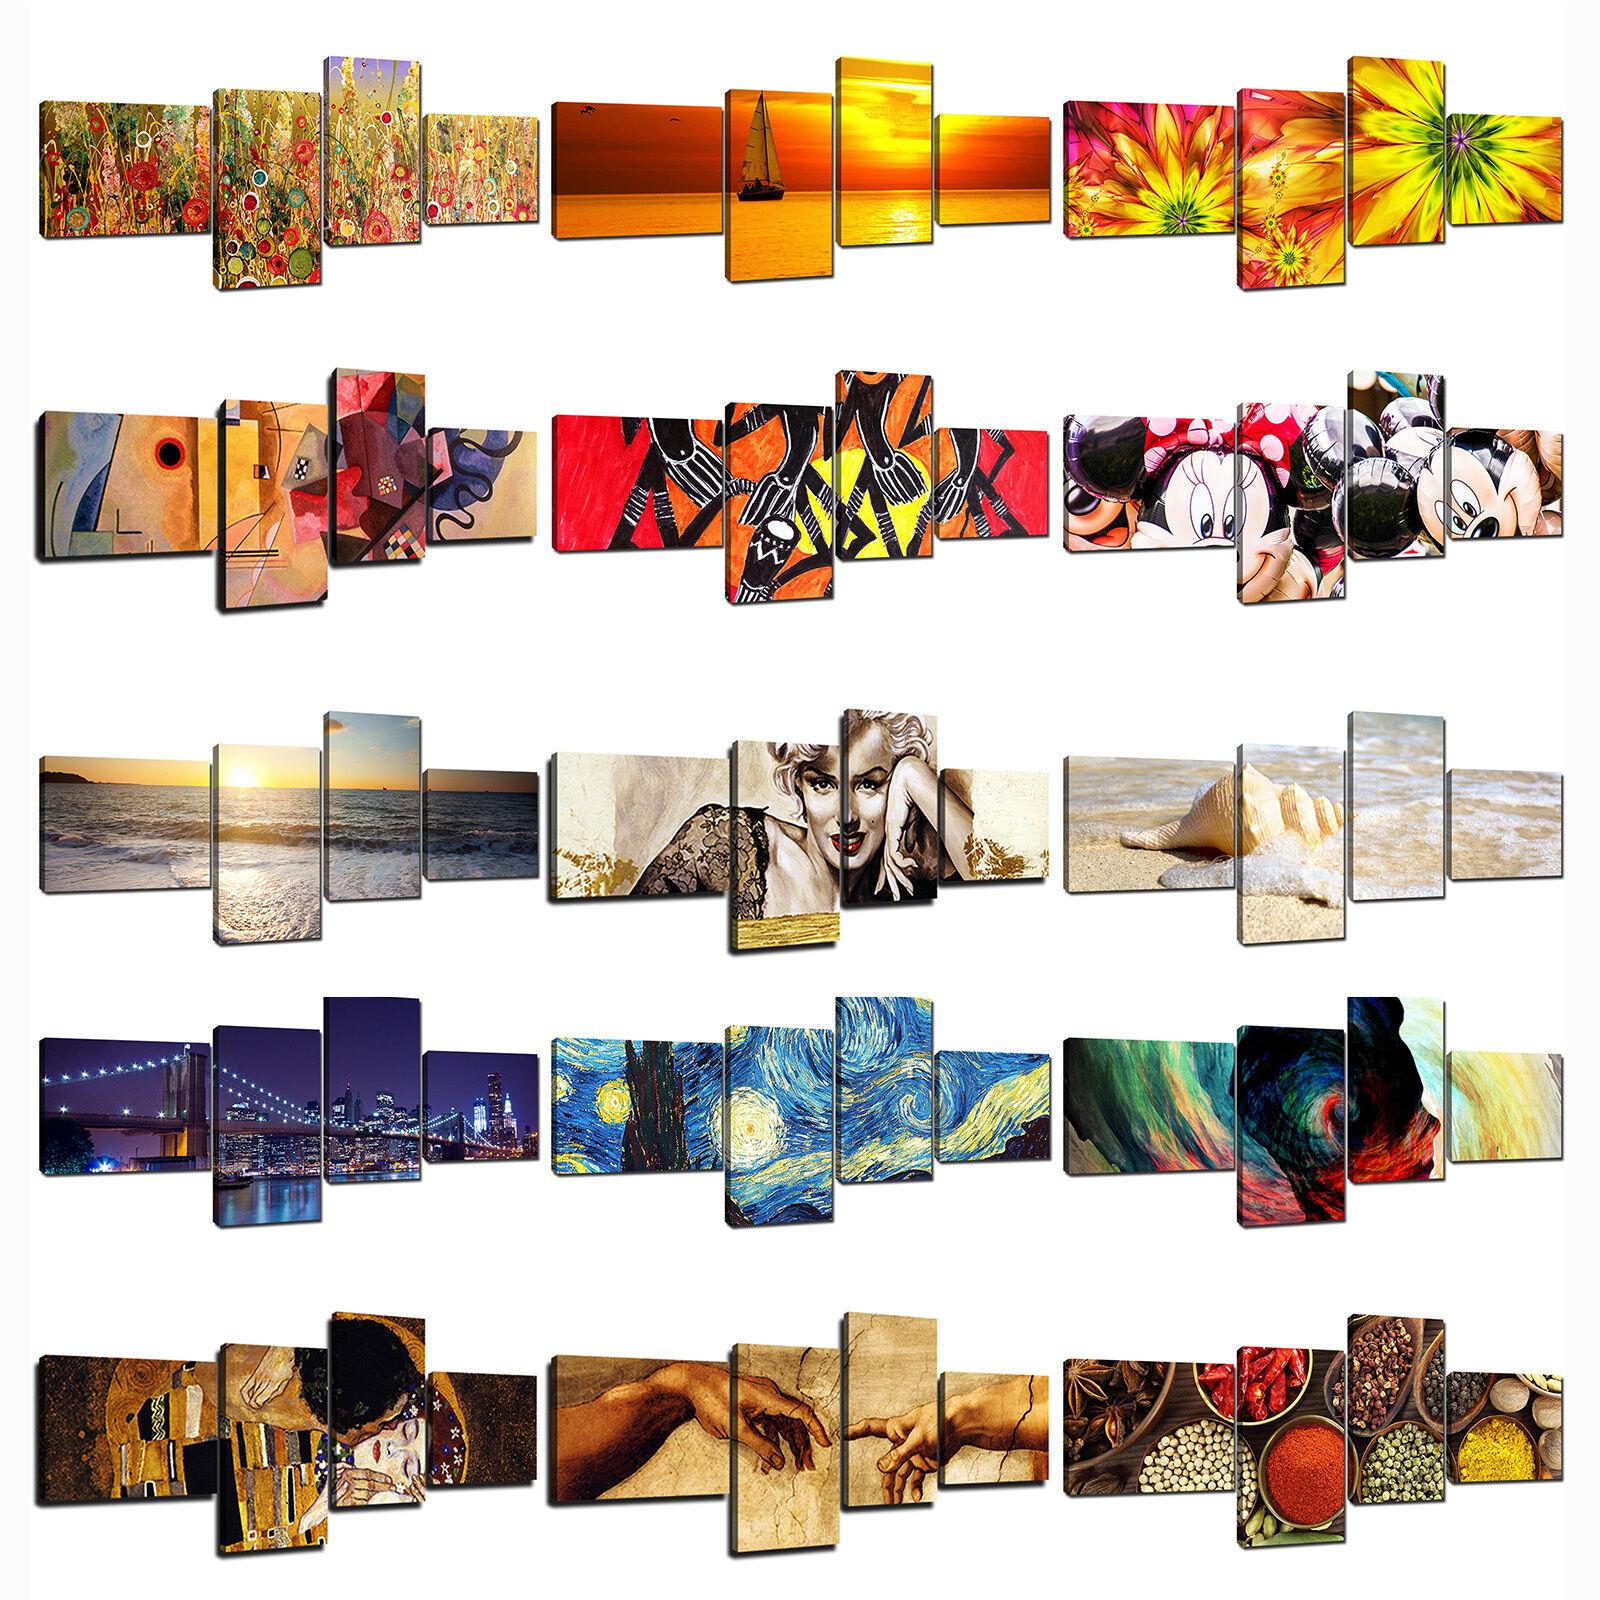 Quadro Moderno Cm 180x75 Stampa su Tela Canvas 4 Pezzi Quadri Moderni Astratti